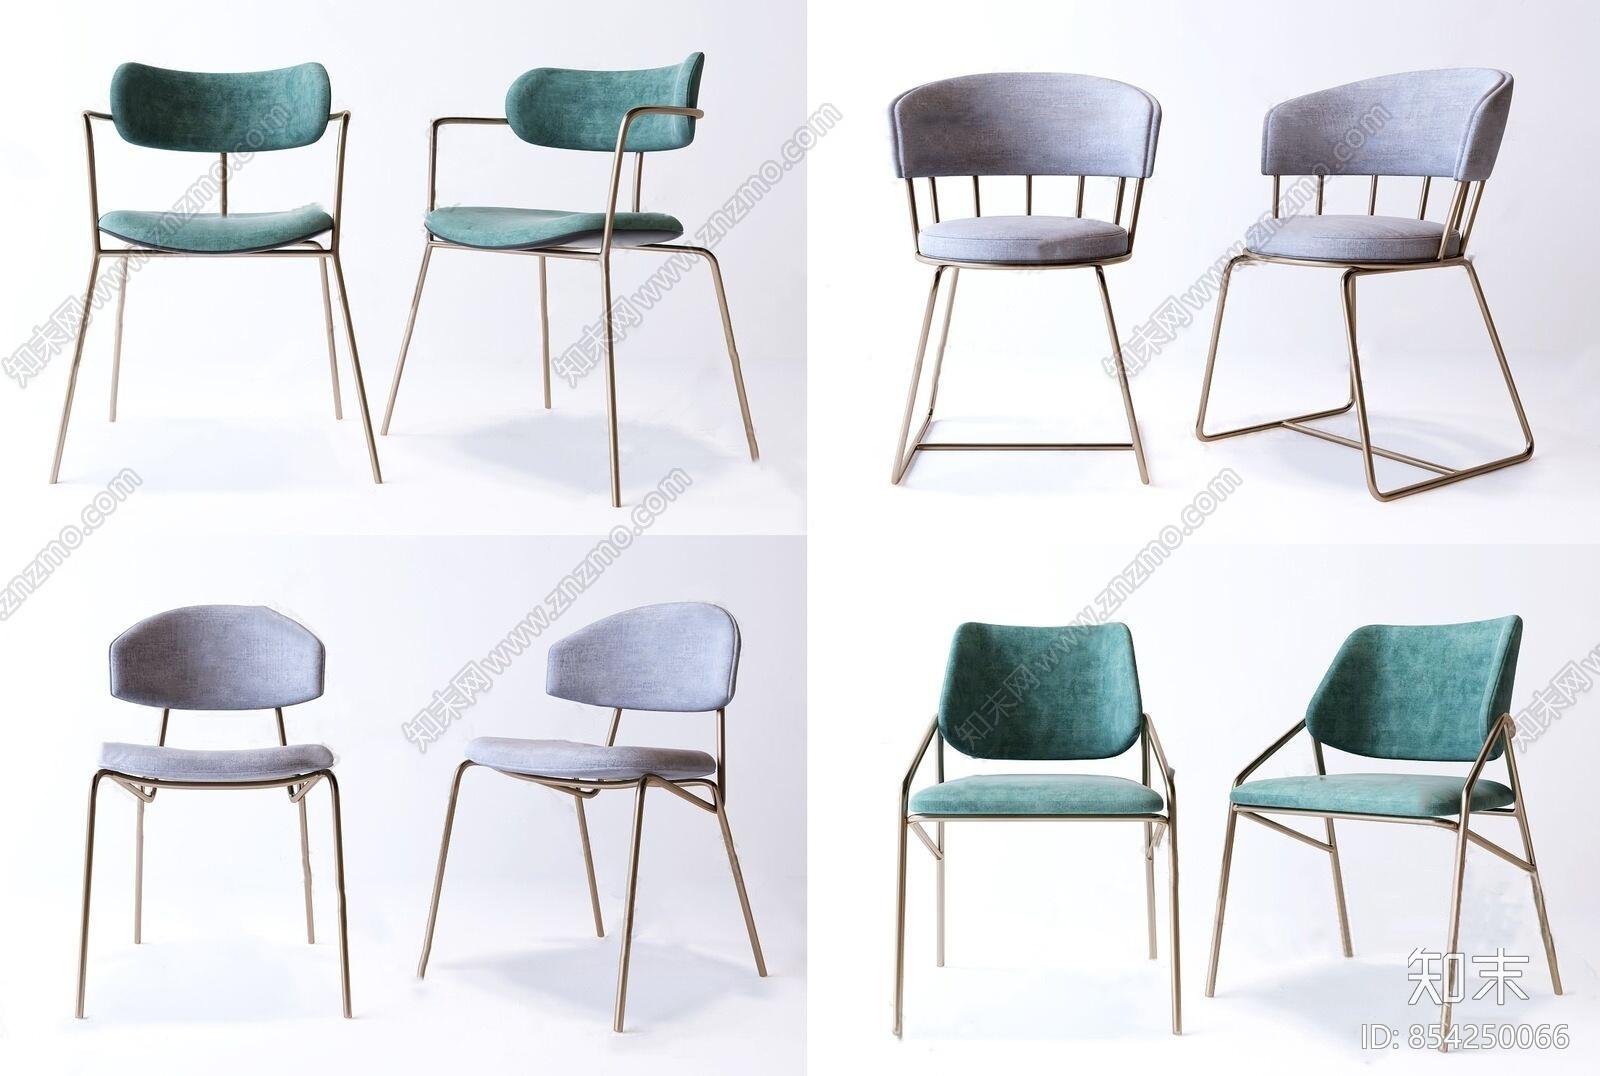 现代轻奢单椅组合3D模型下载【ID:854250066】